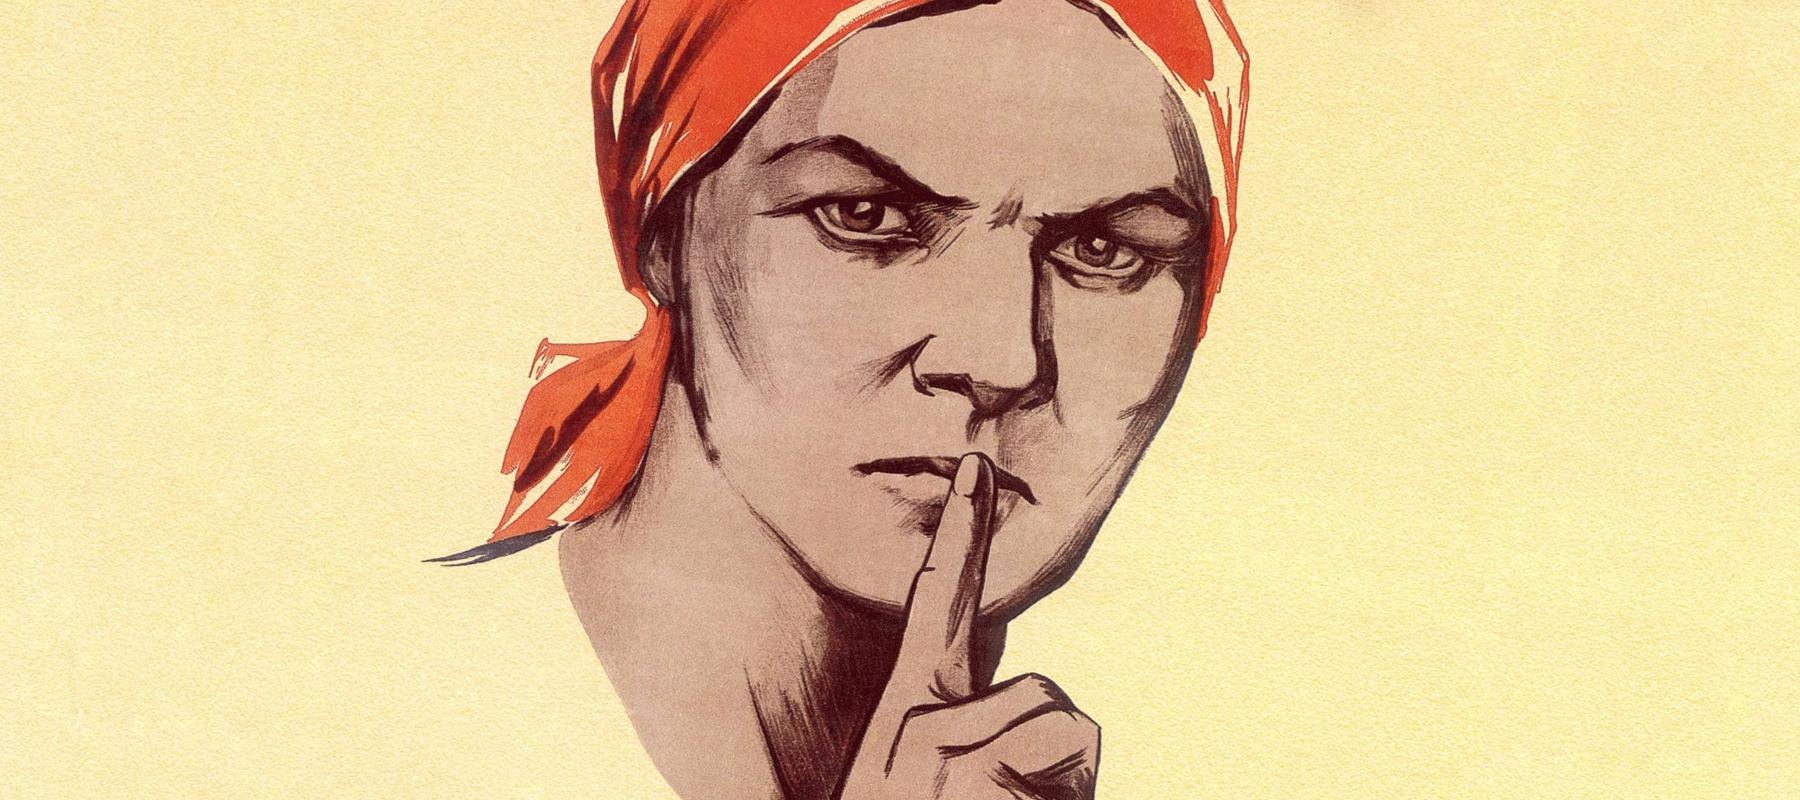 Плакат советских времен не болтай